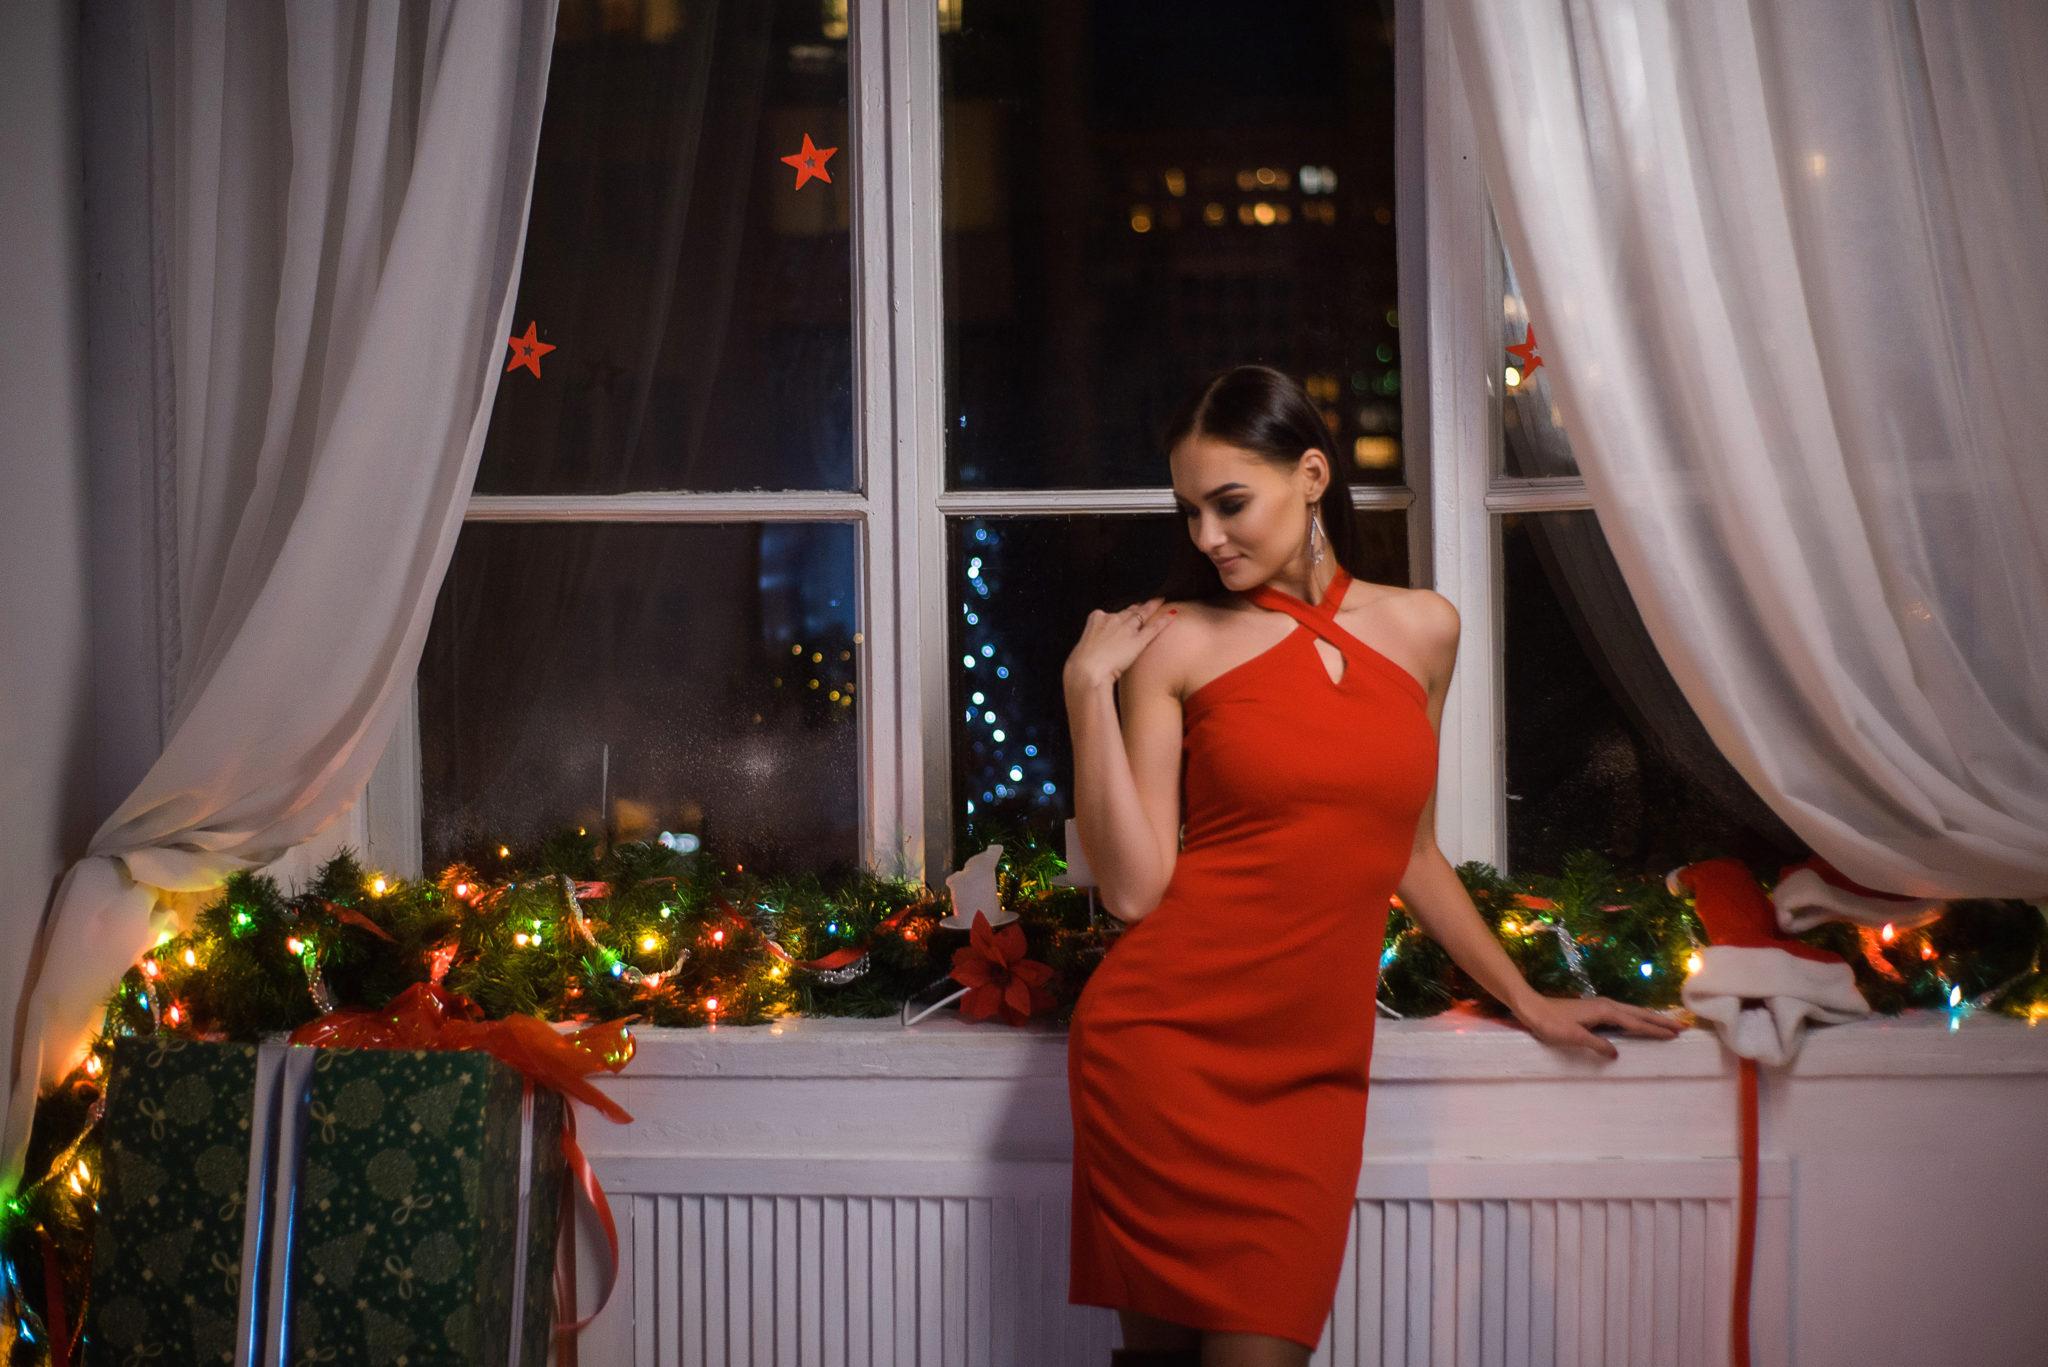 Новогодняя фотосессия, девушка в красном платье на фоне украшенного в новогоднем стиле окна